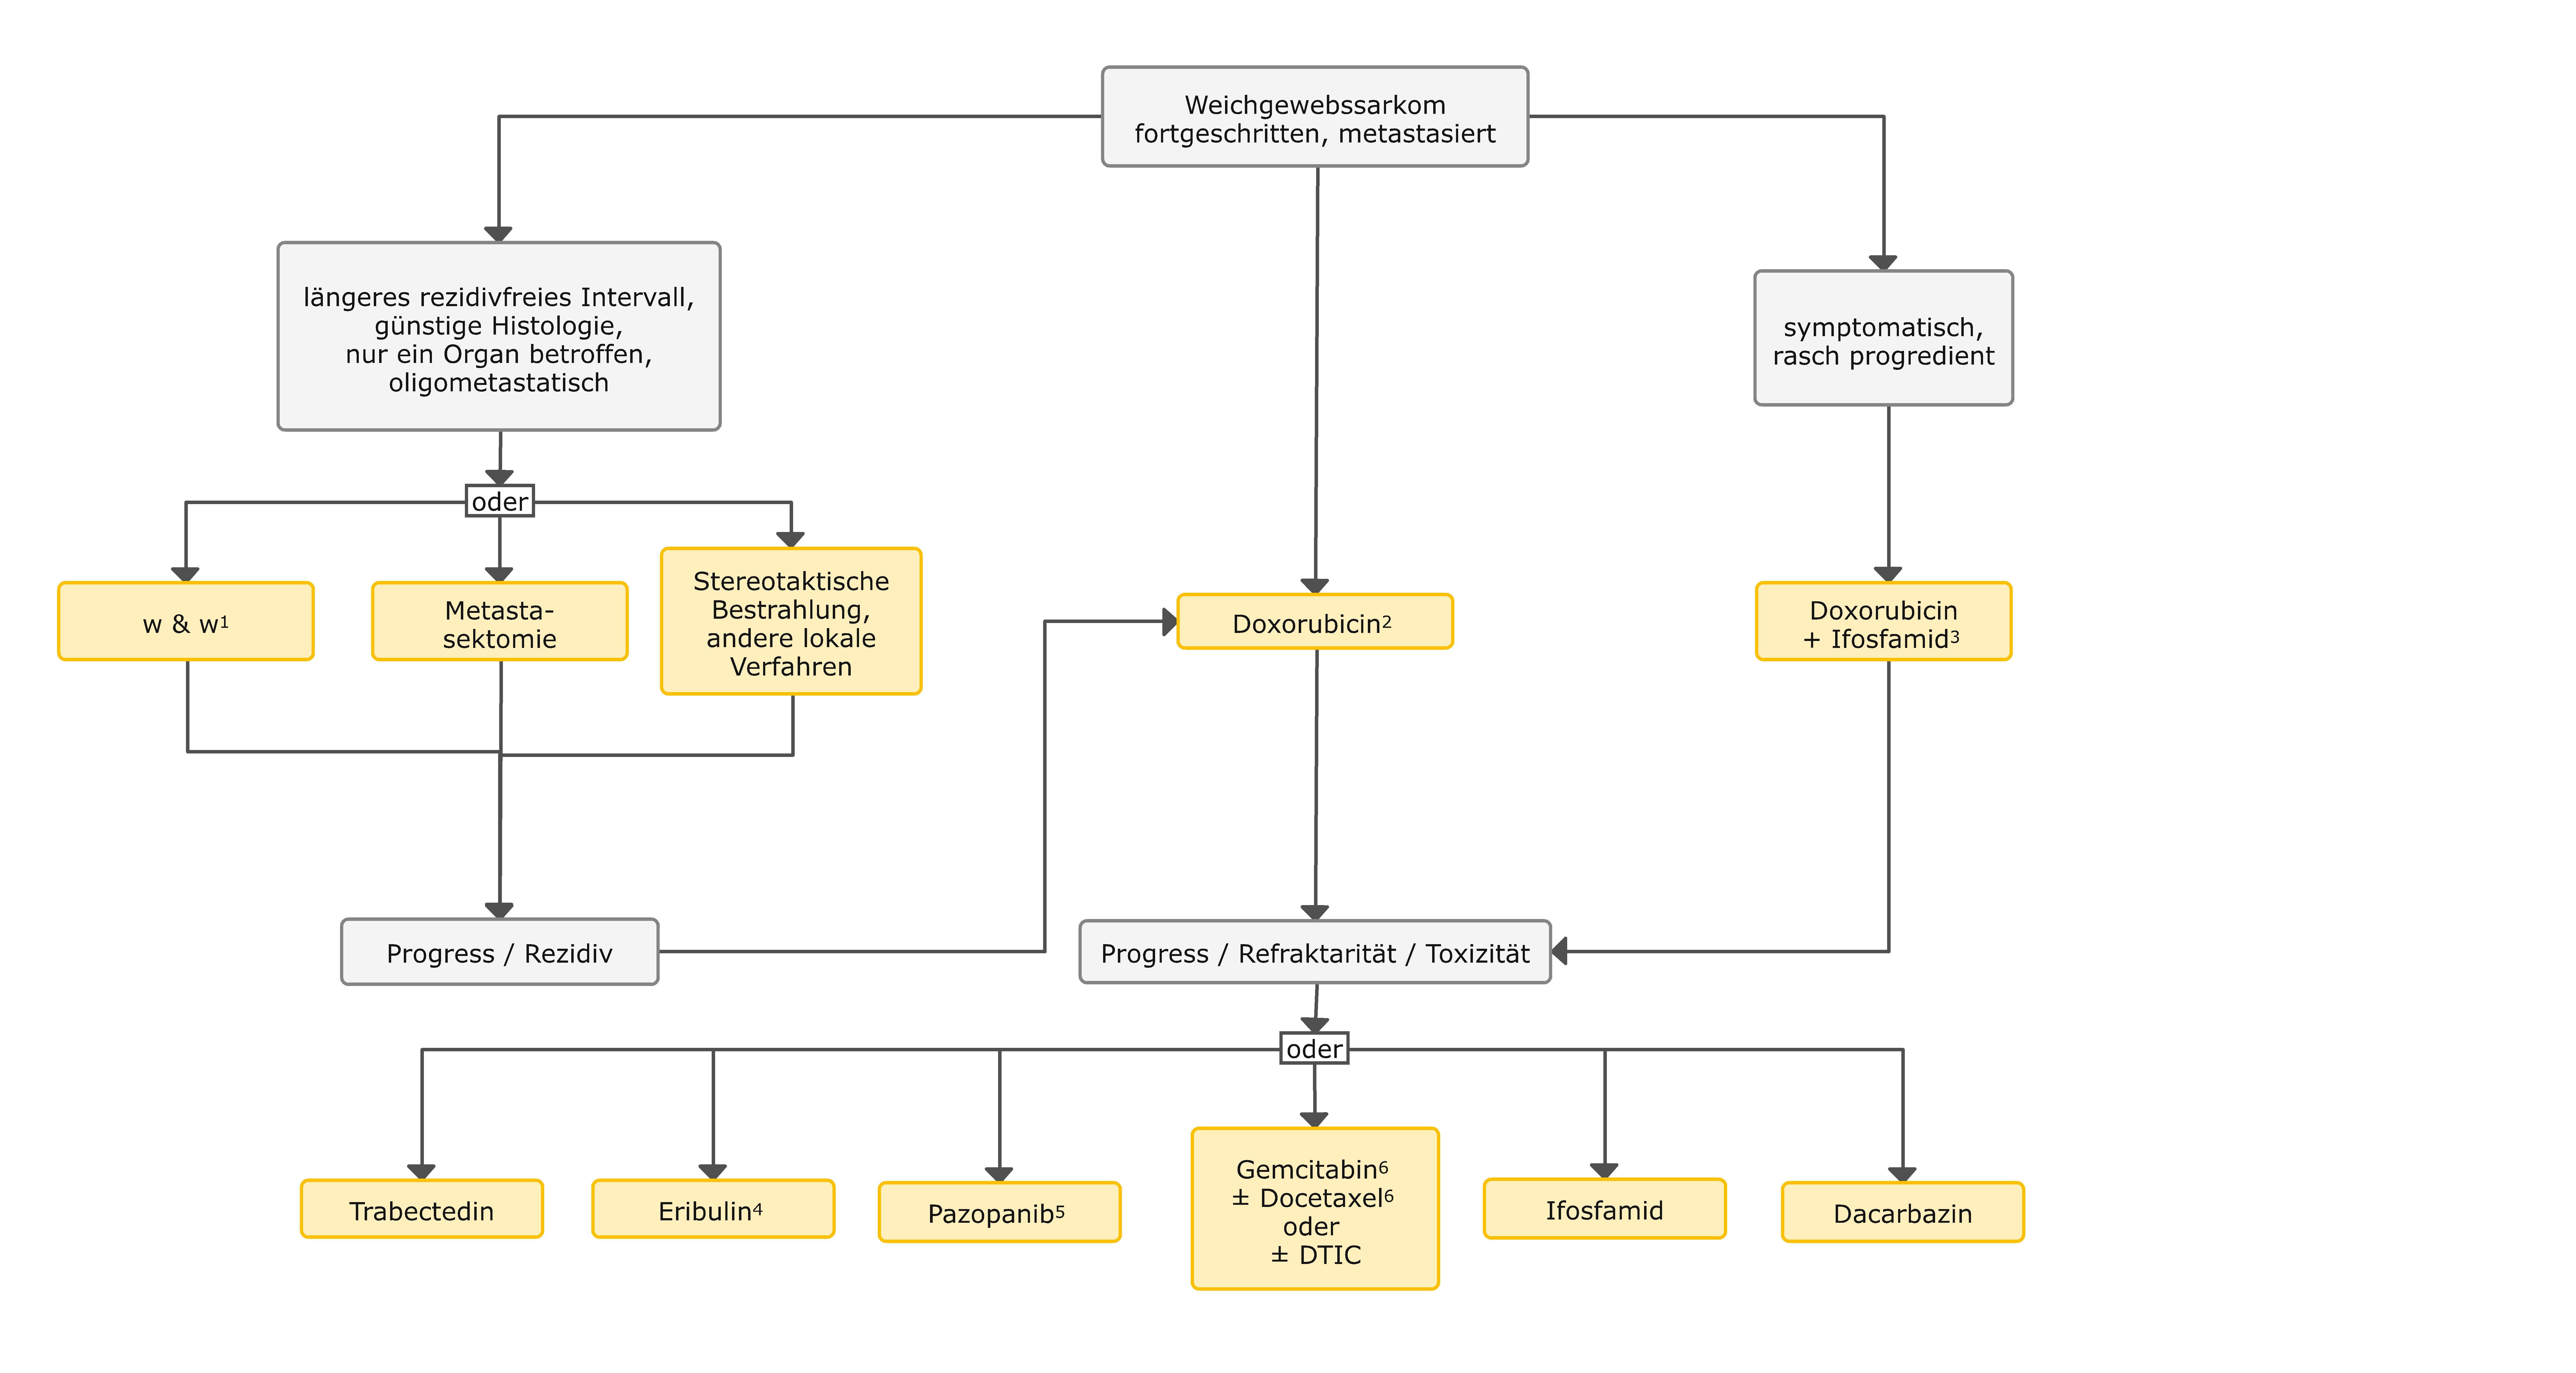 Therapiealgorithmus für fortgeschrittene Weichgewebssarkome